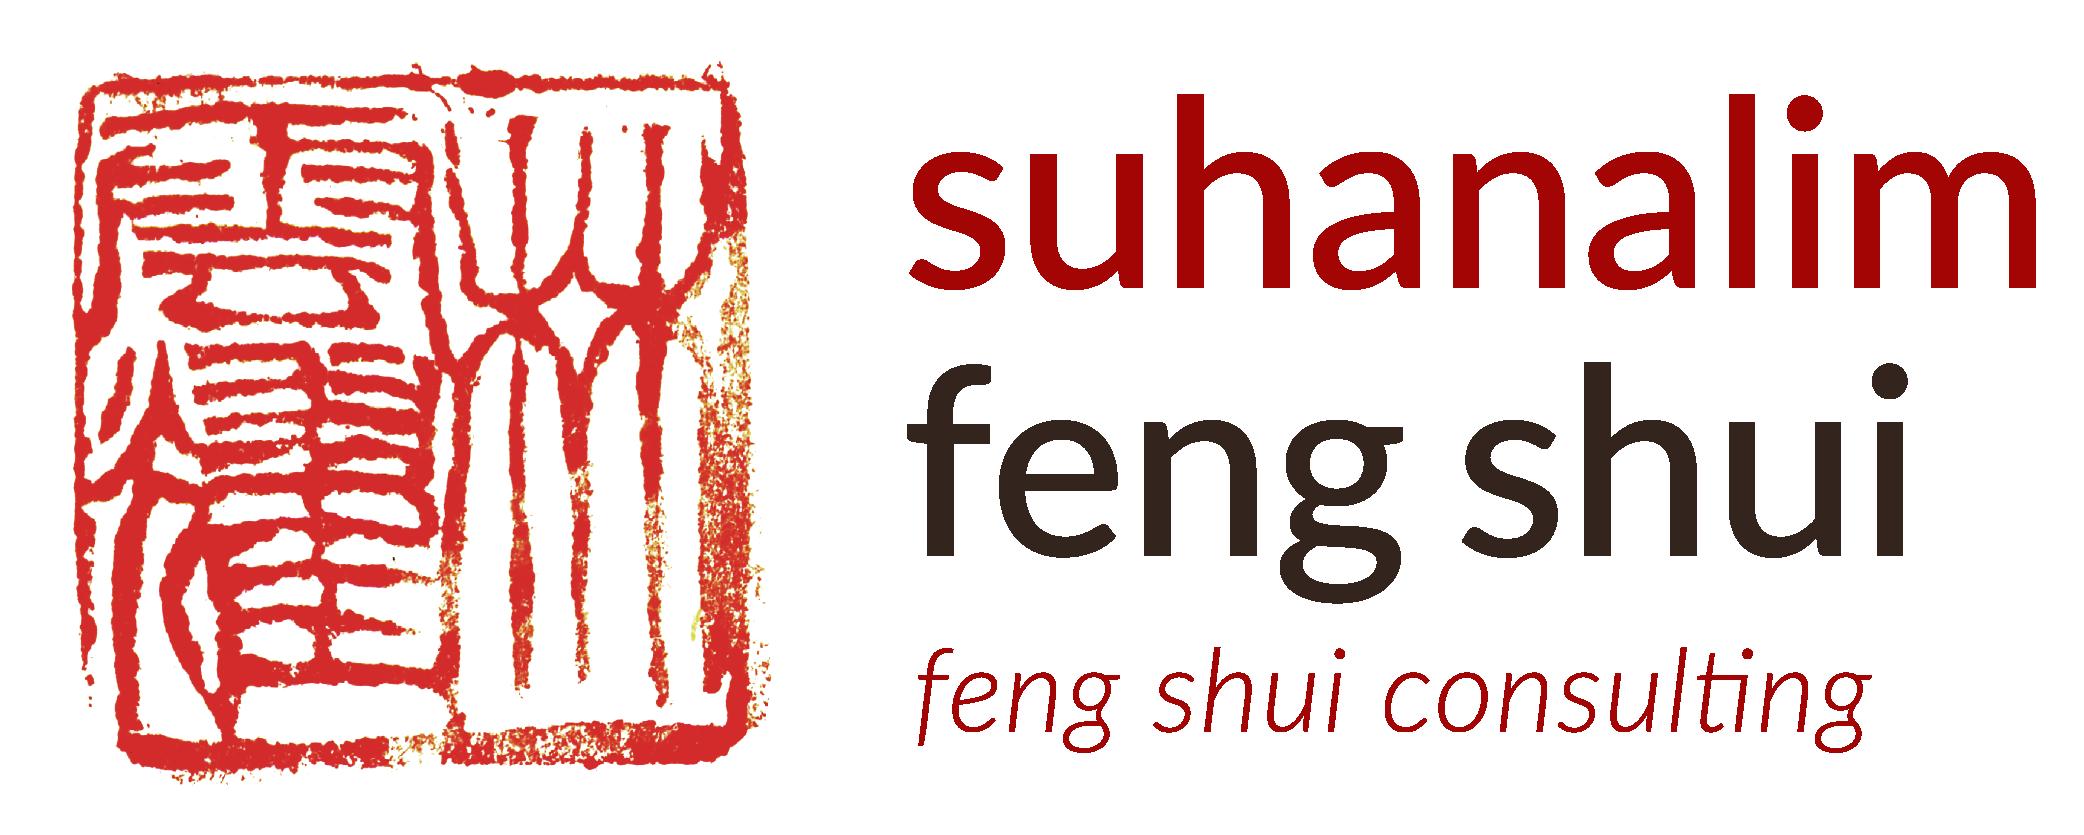 Suhana Lim